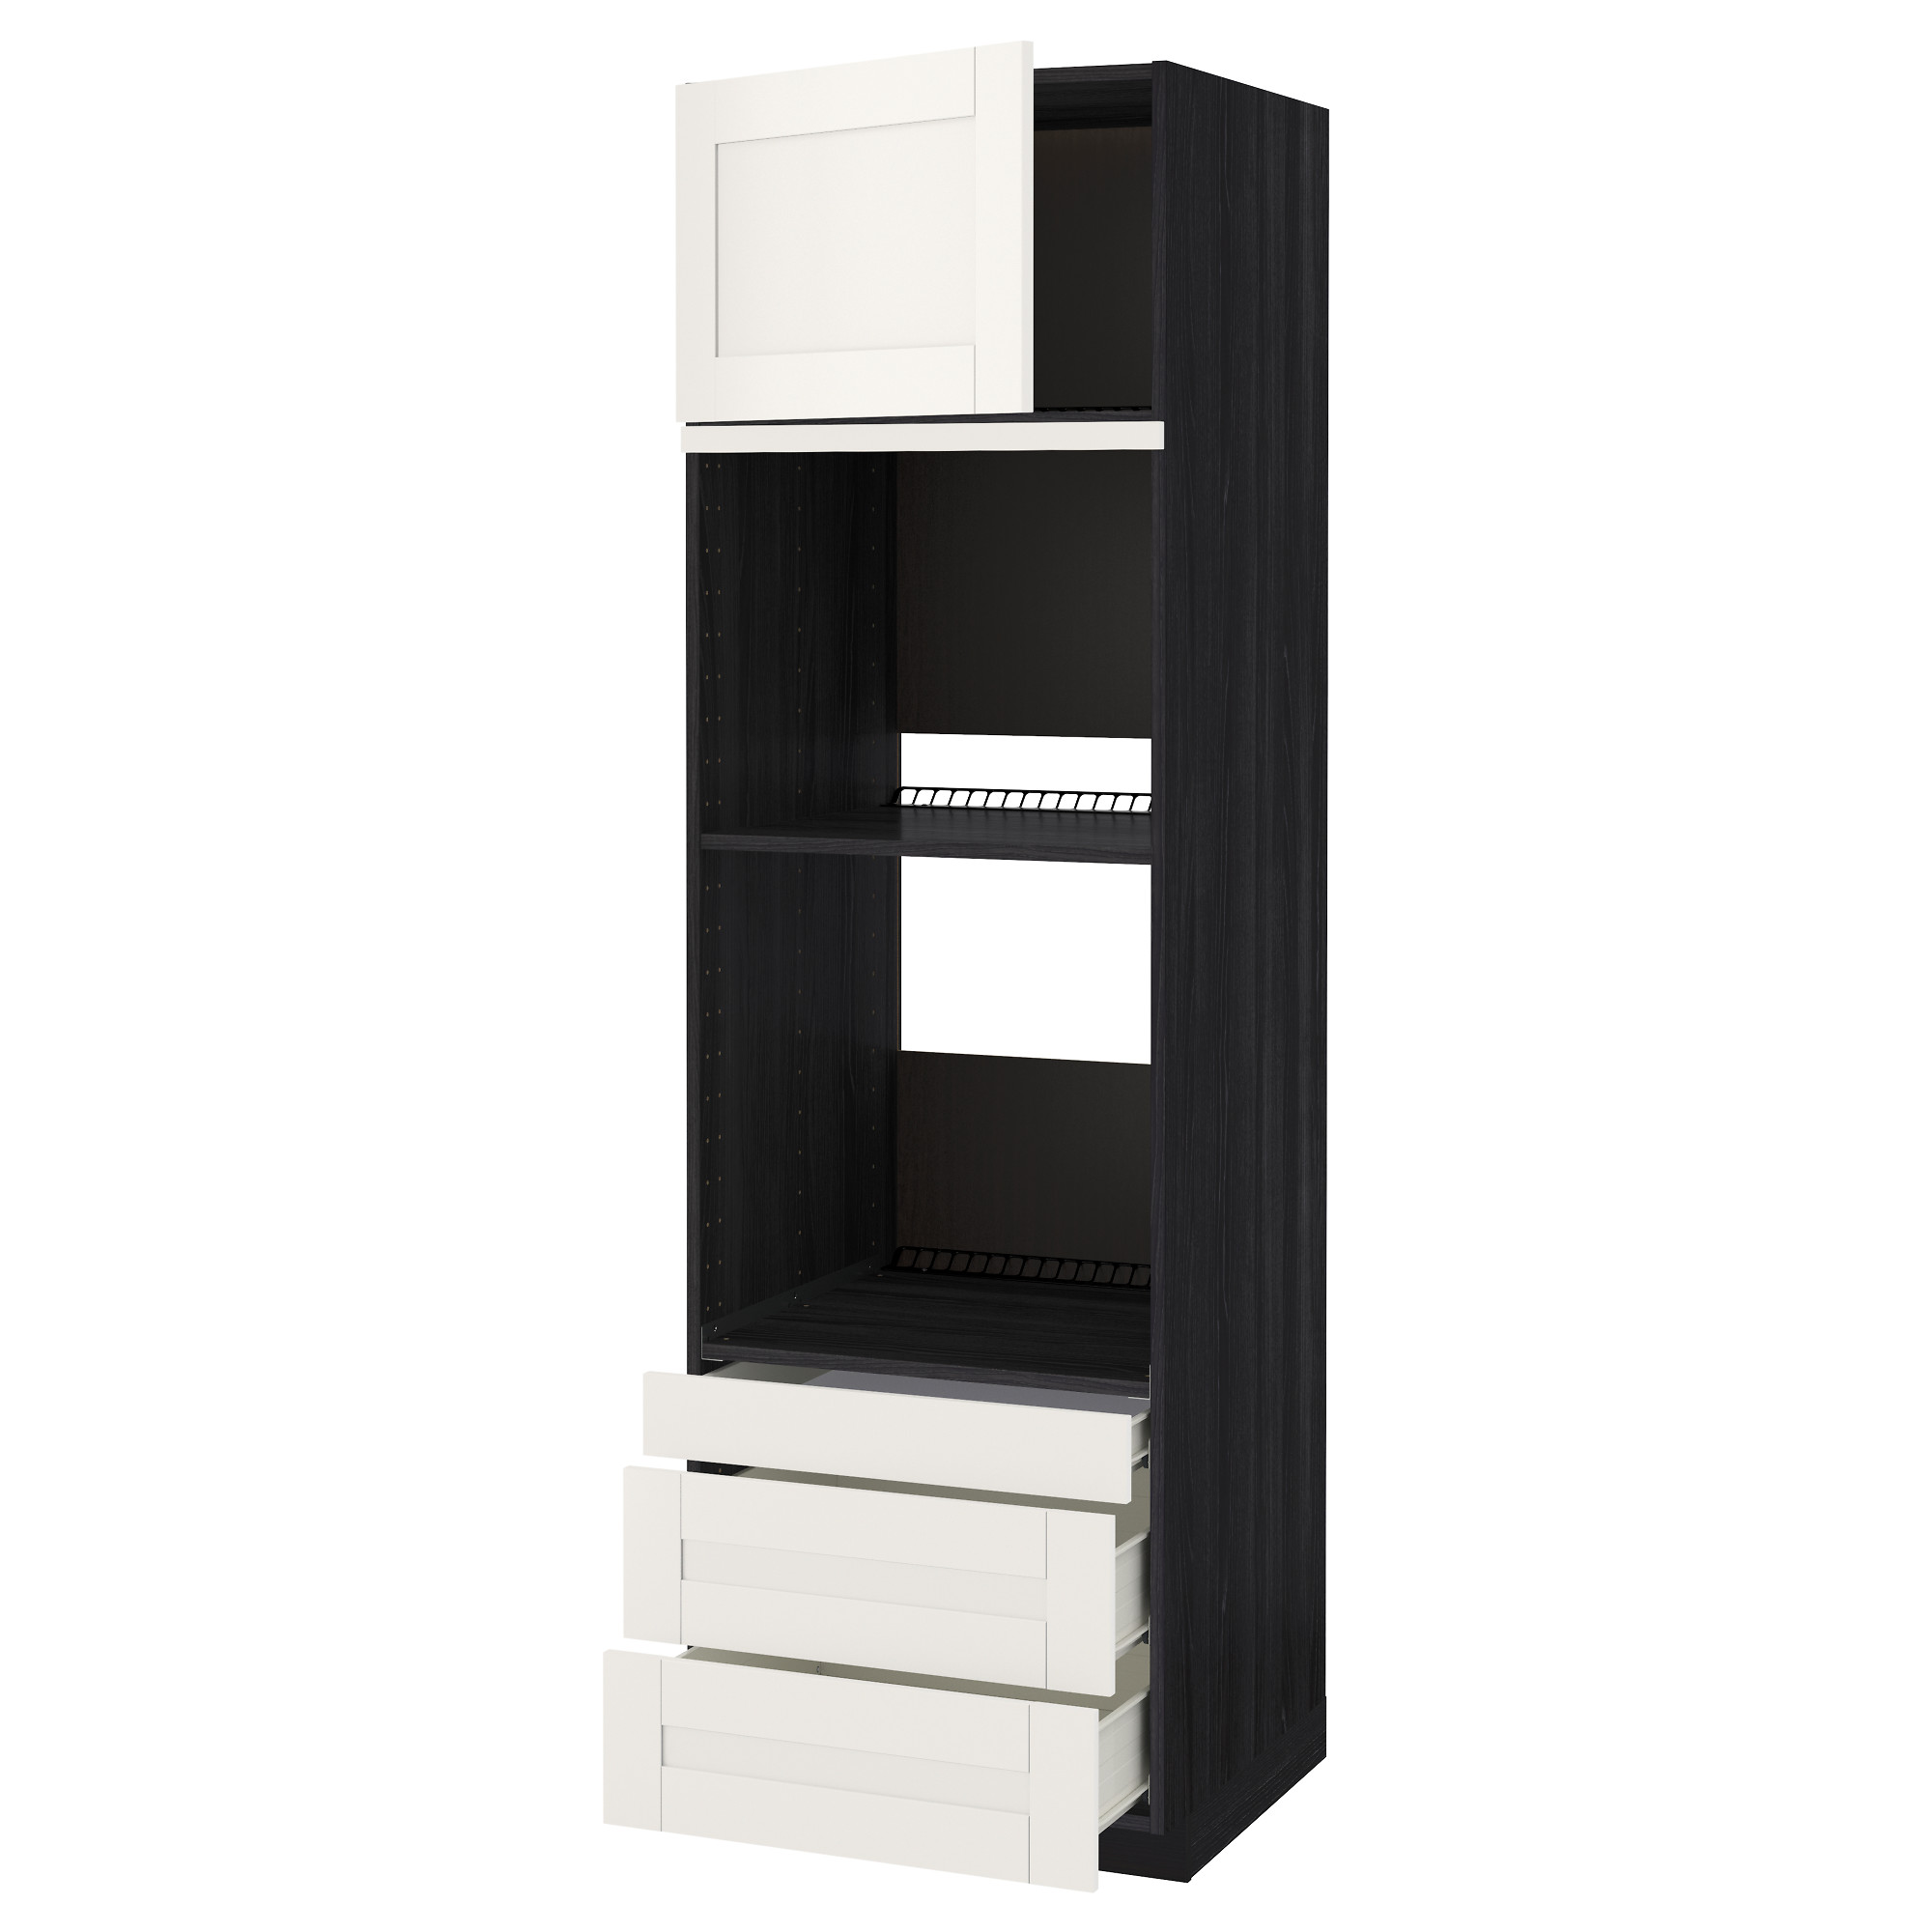 Высокий шкаф для духовки комбинированный, духовка + дверца, 3 ящика МЕТОД / ФОРВАРА черный артикуль № 492.664.04 в наличии. Онлайн каталог IKEA Беларусь. Недорогая доставка и установка.